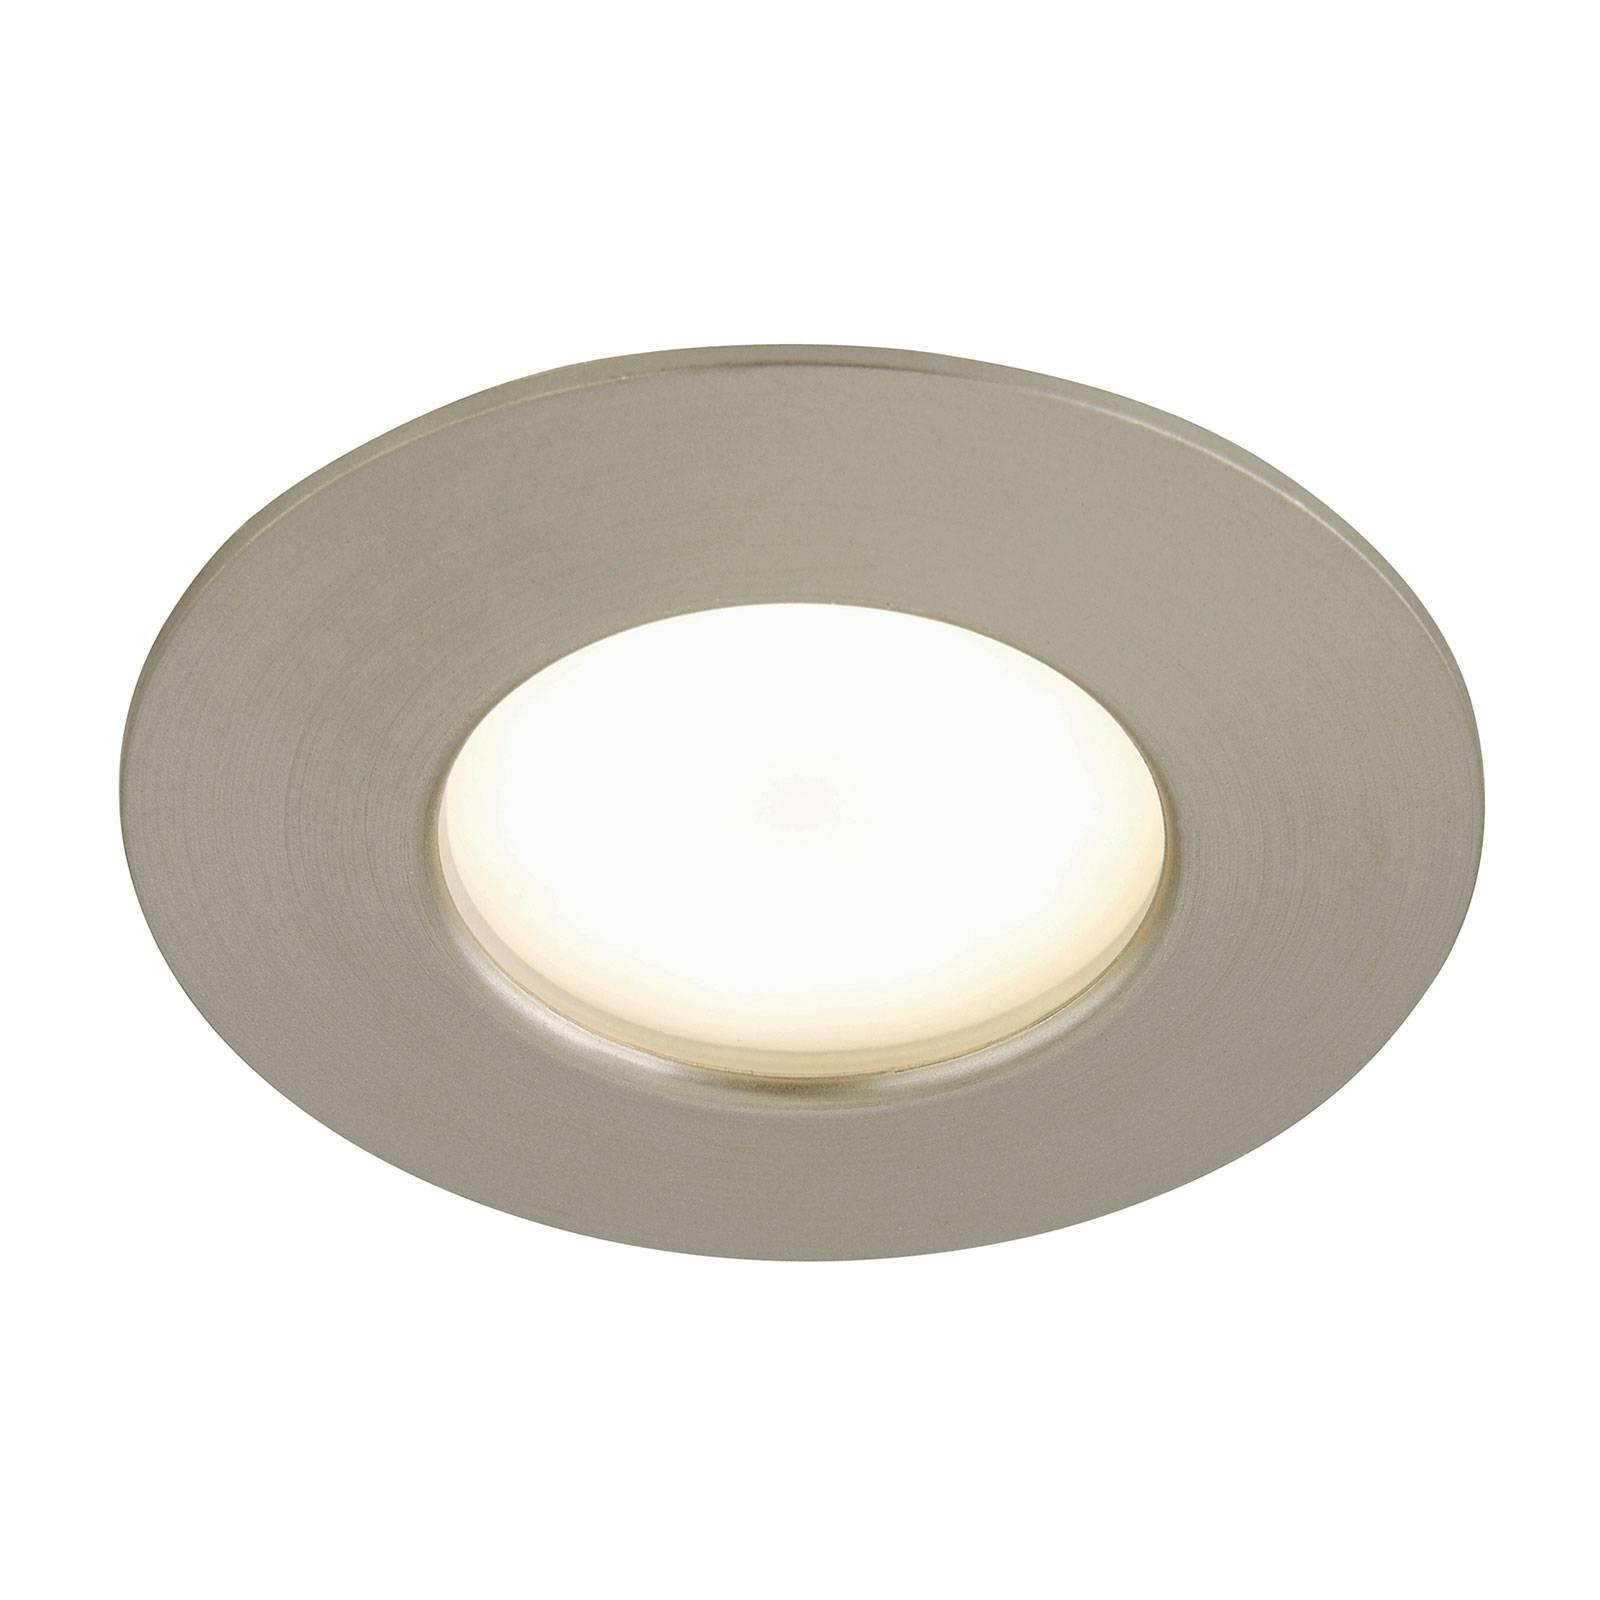 Spot encastré LED Felia IP44, nickel mat